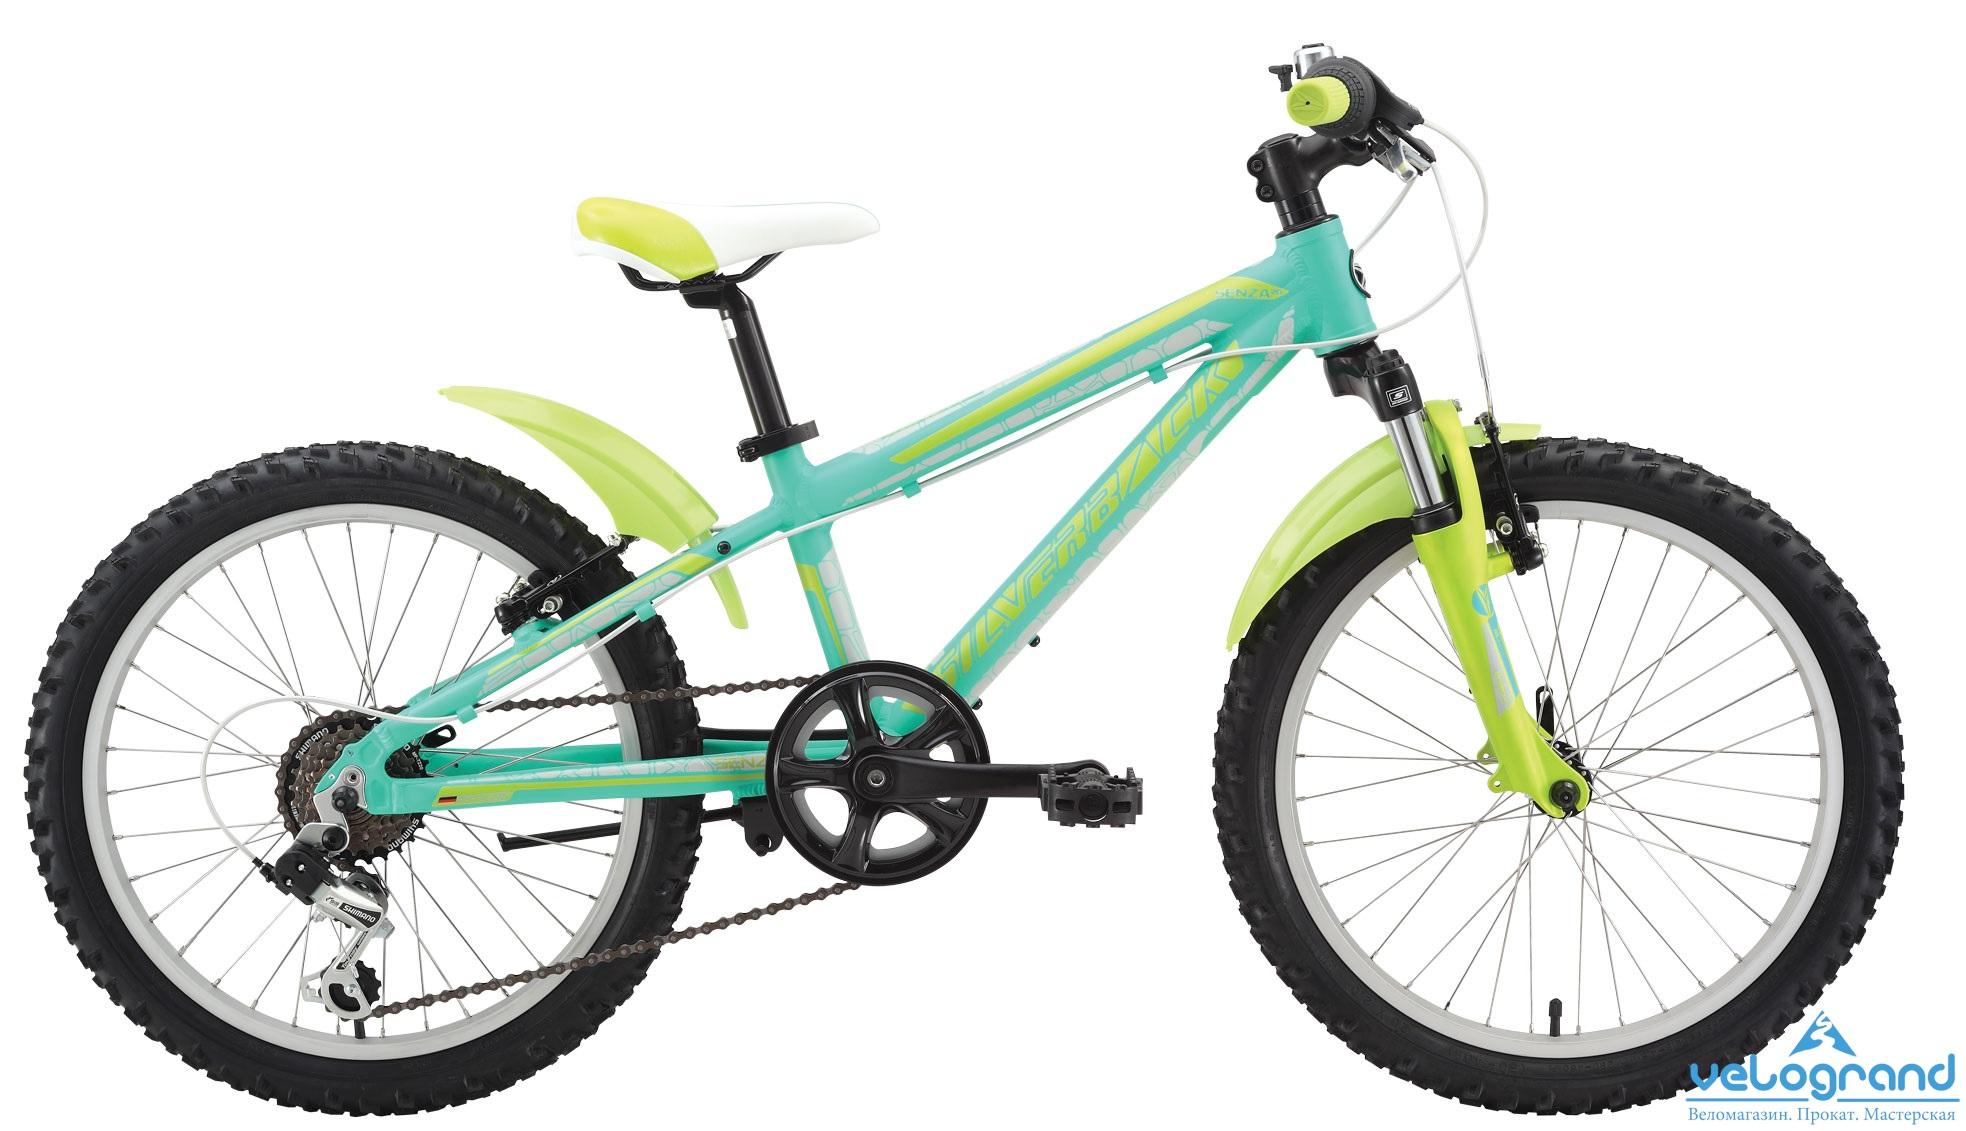 Детский велосипед Silverback Senza 20 (2015), Цвет Фиолетовый